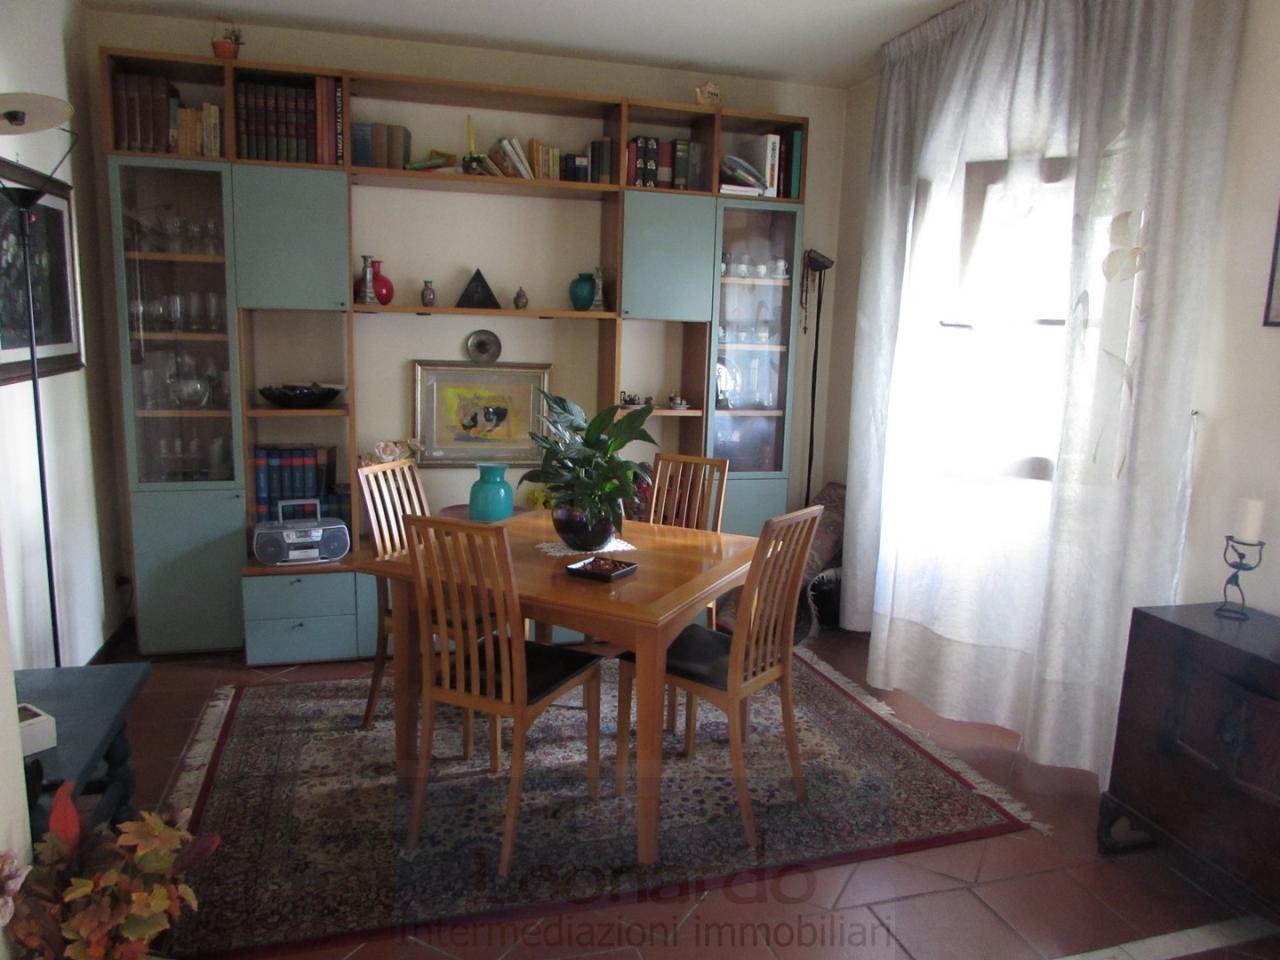 Soluzione Indipendente in vendita a Viareggio, 8 locali, zona Località: Centro, prezzo € 500.000 | Cambio Casa.it